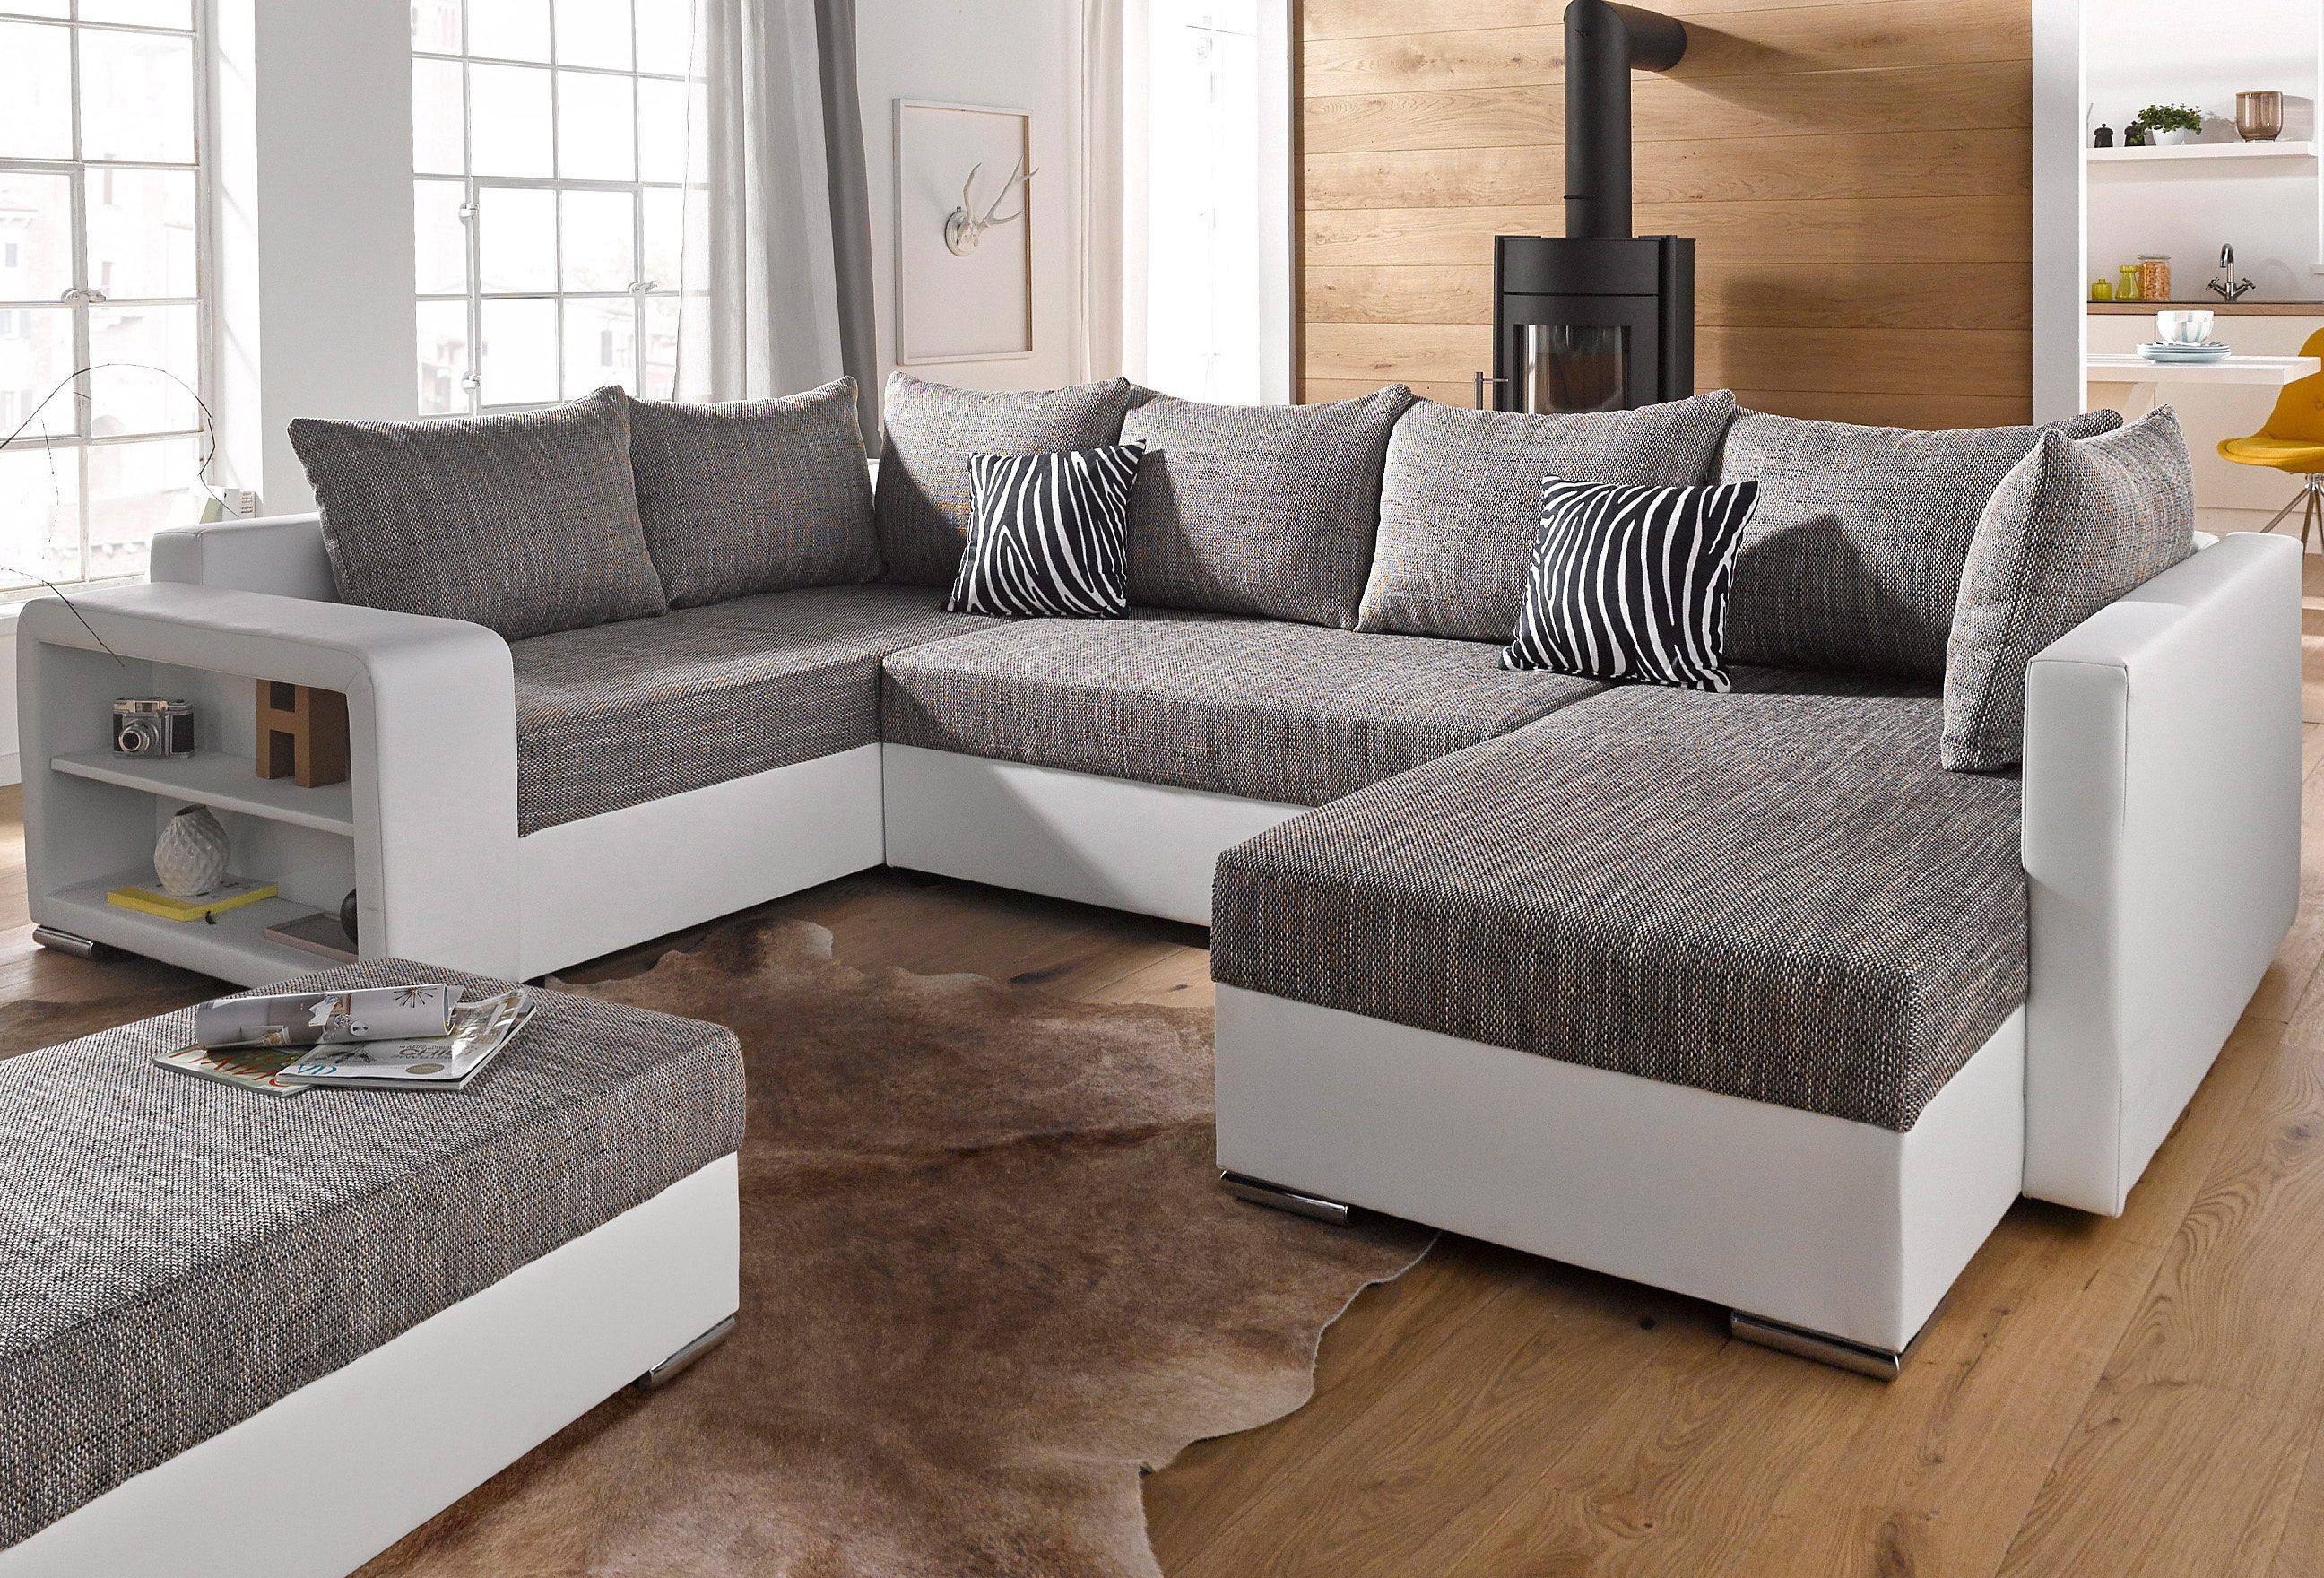 collection ab wohnlandschaft auf raten kaufen. Black Bedroom Furniture Sets. Home Design Ideas